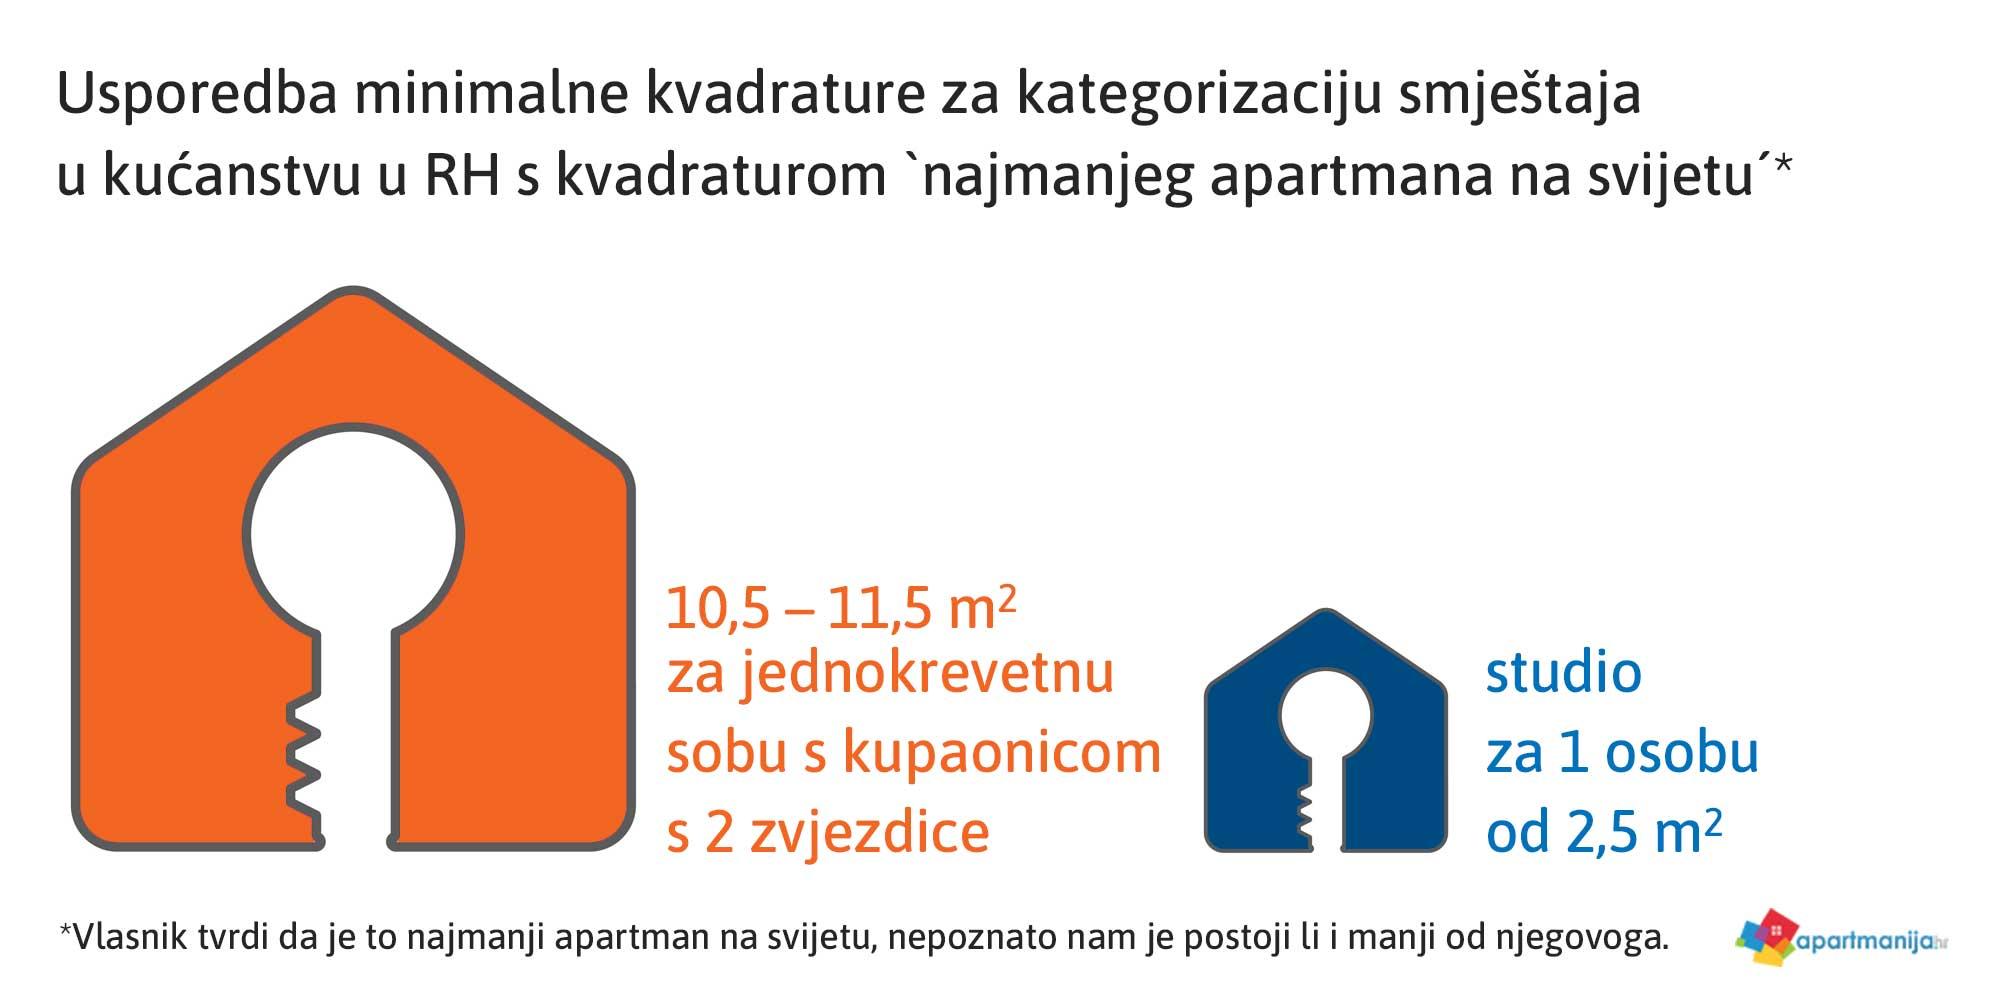 Veličina (ni)je bitna - Najmanji apartmani i kuće za odmor na svijetu Usporedba kvadrature